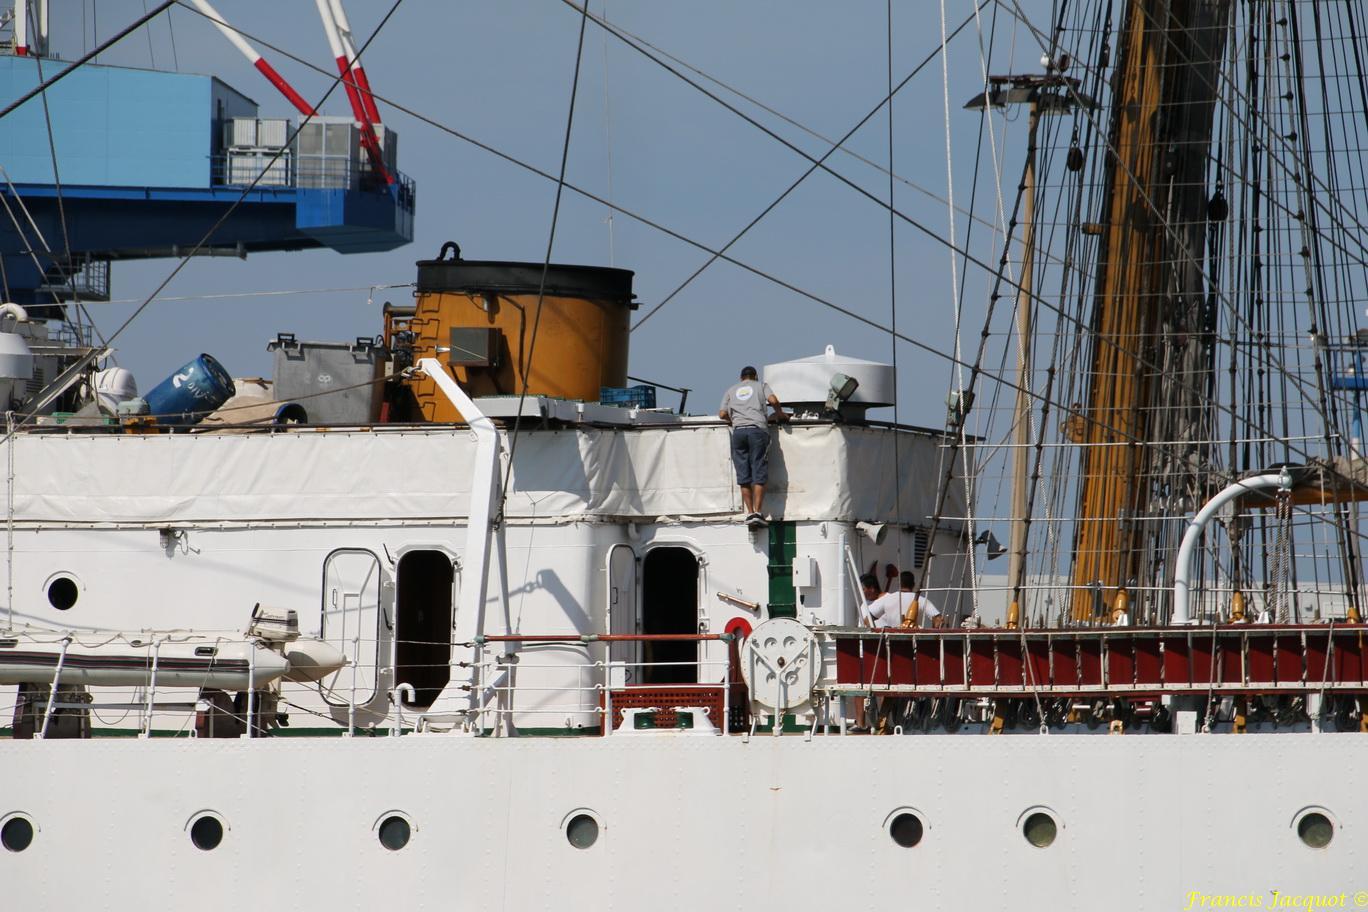 [ Marine à voile ] Vieux gréements - Page 3 9105901903